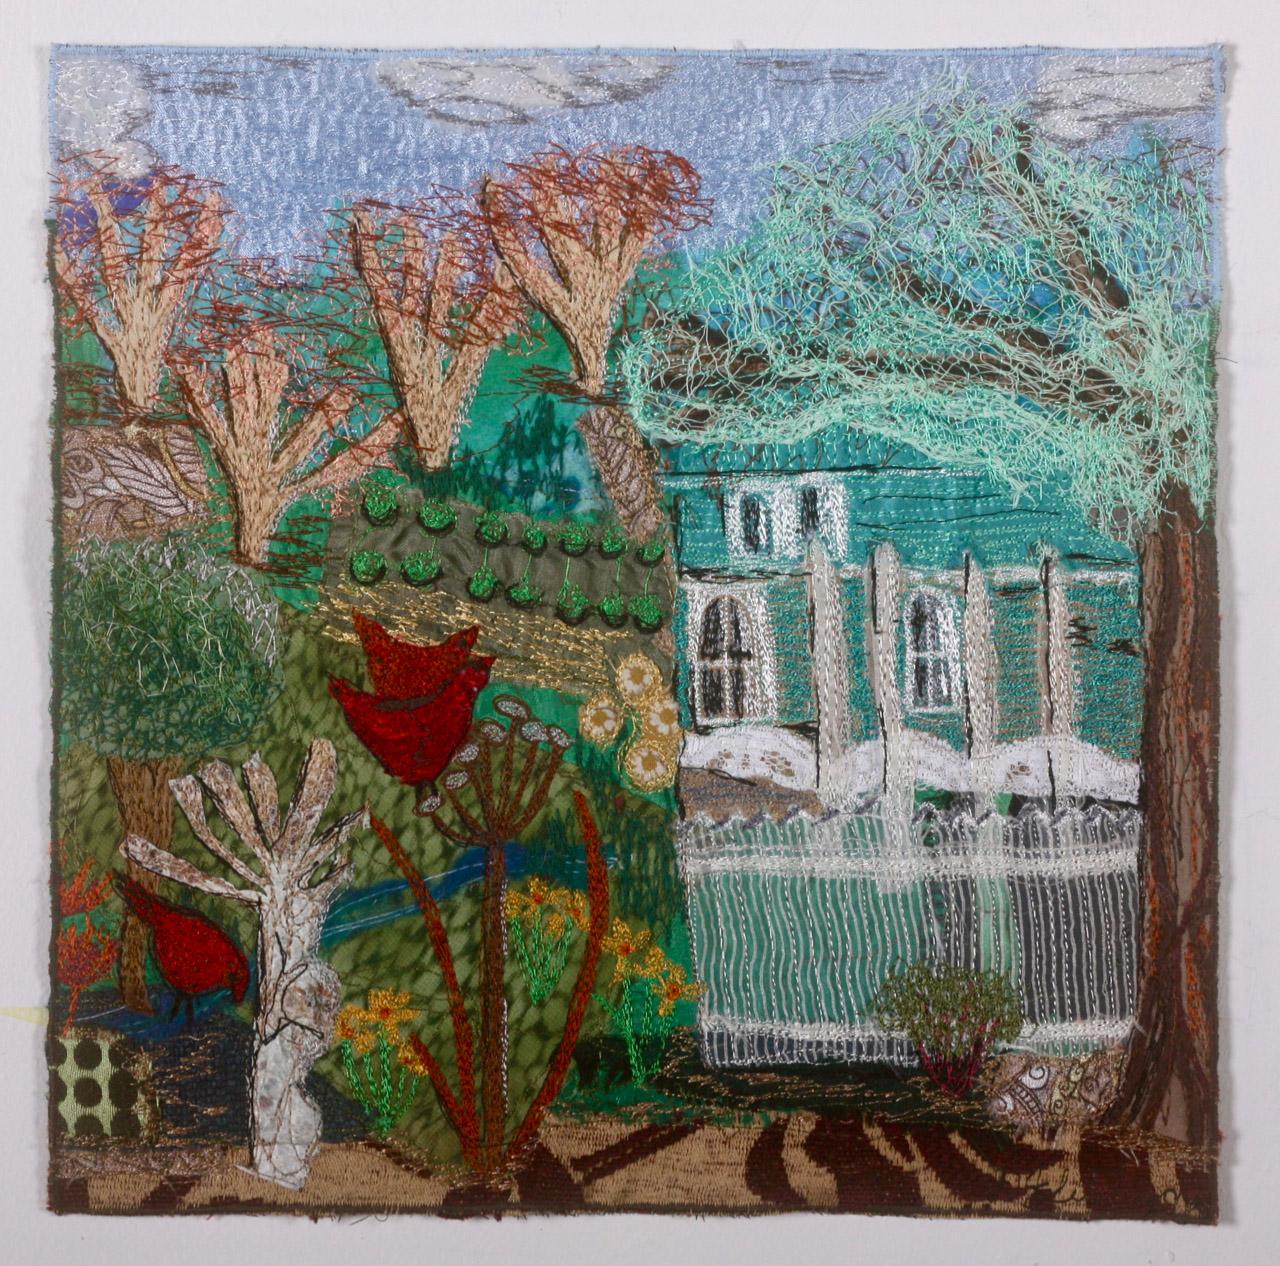 Glebe Garden